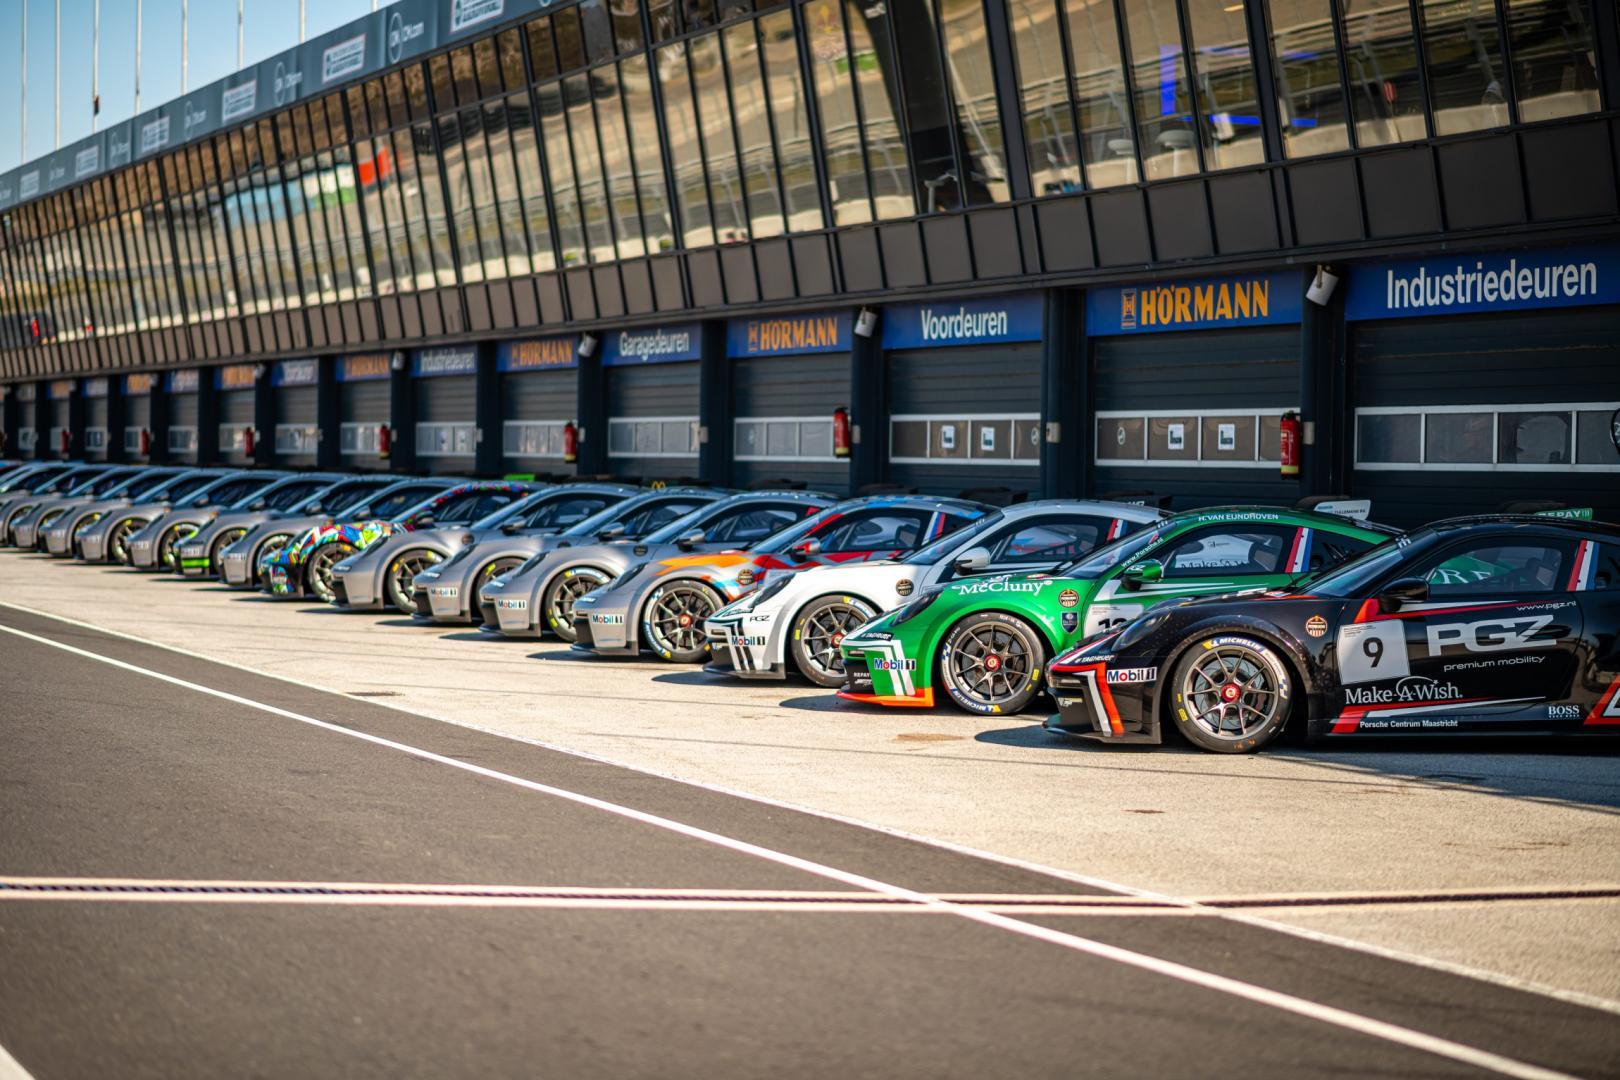 Porsche 911 GT3 Cup (992) opgesteld in de pitstraat van Circuit Zandvoort